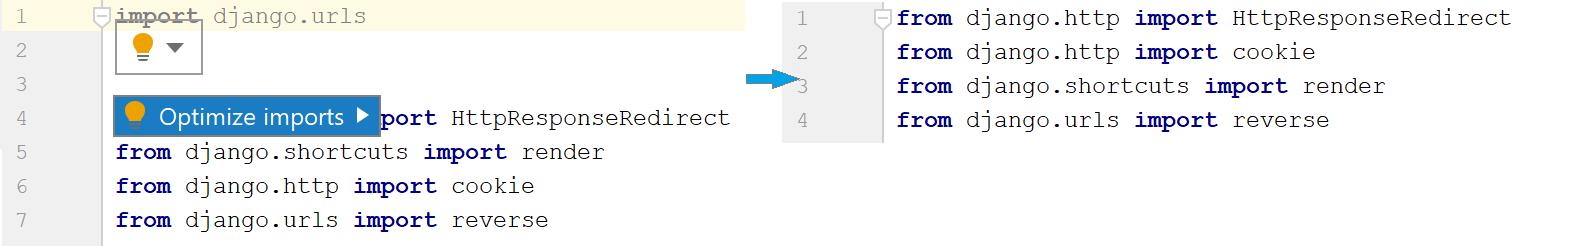 py optimize imports